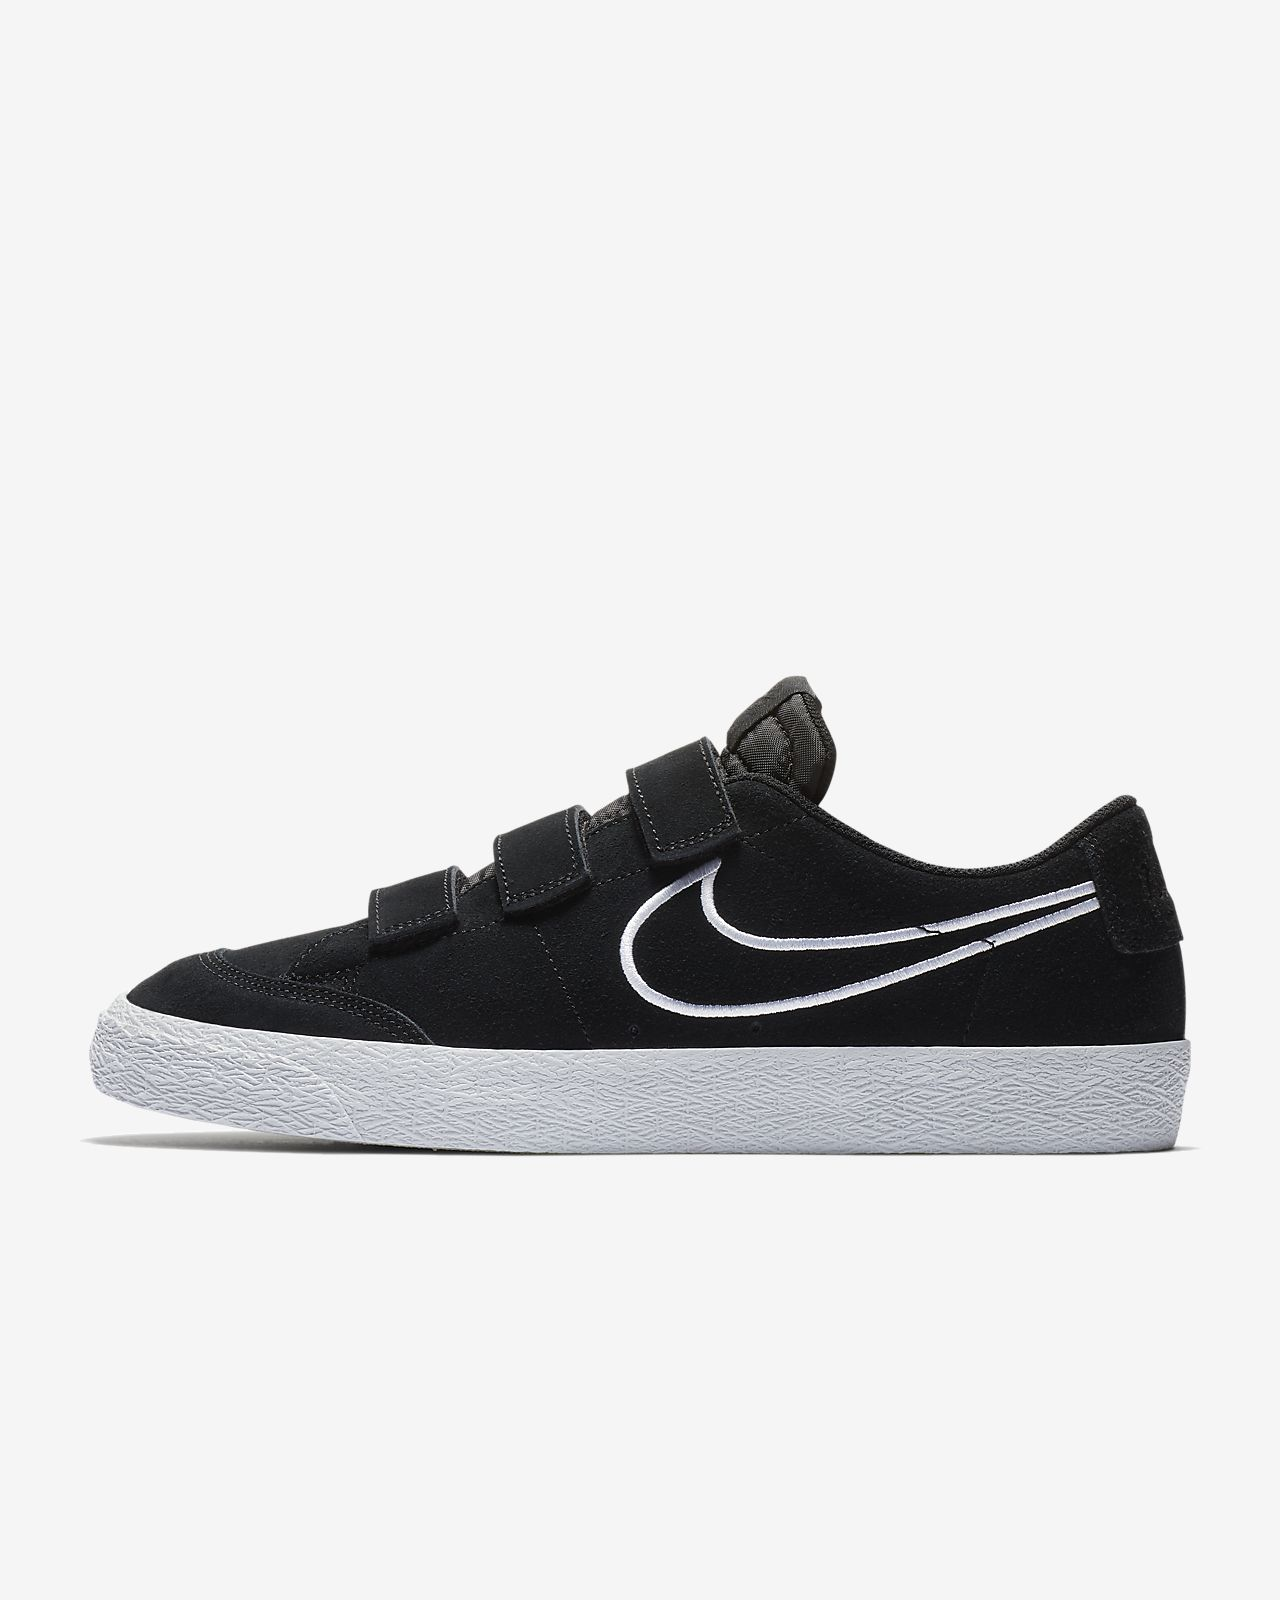 Chaussures Nike Noir Casual Collection Casual Pour Les Hommes r8fQqFL